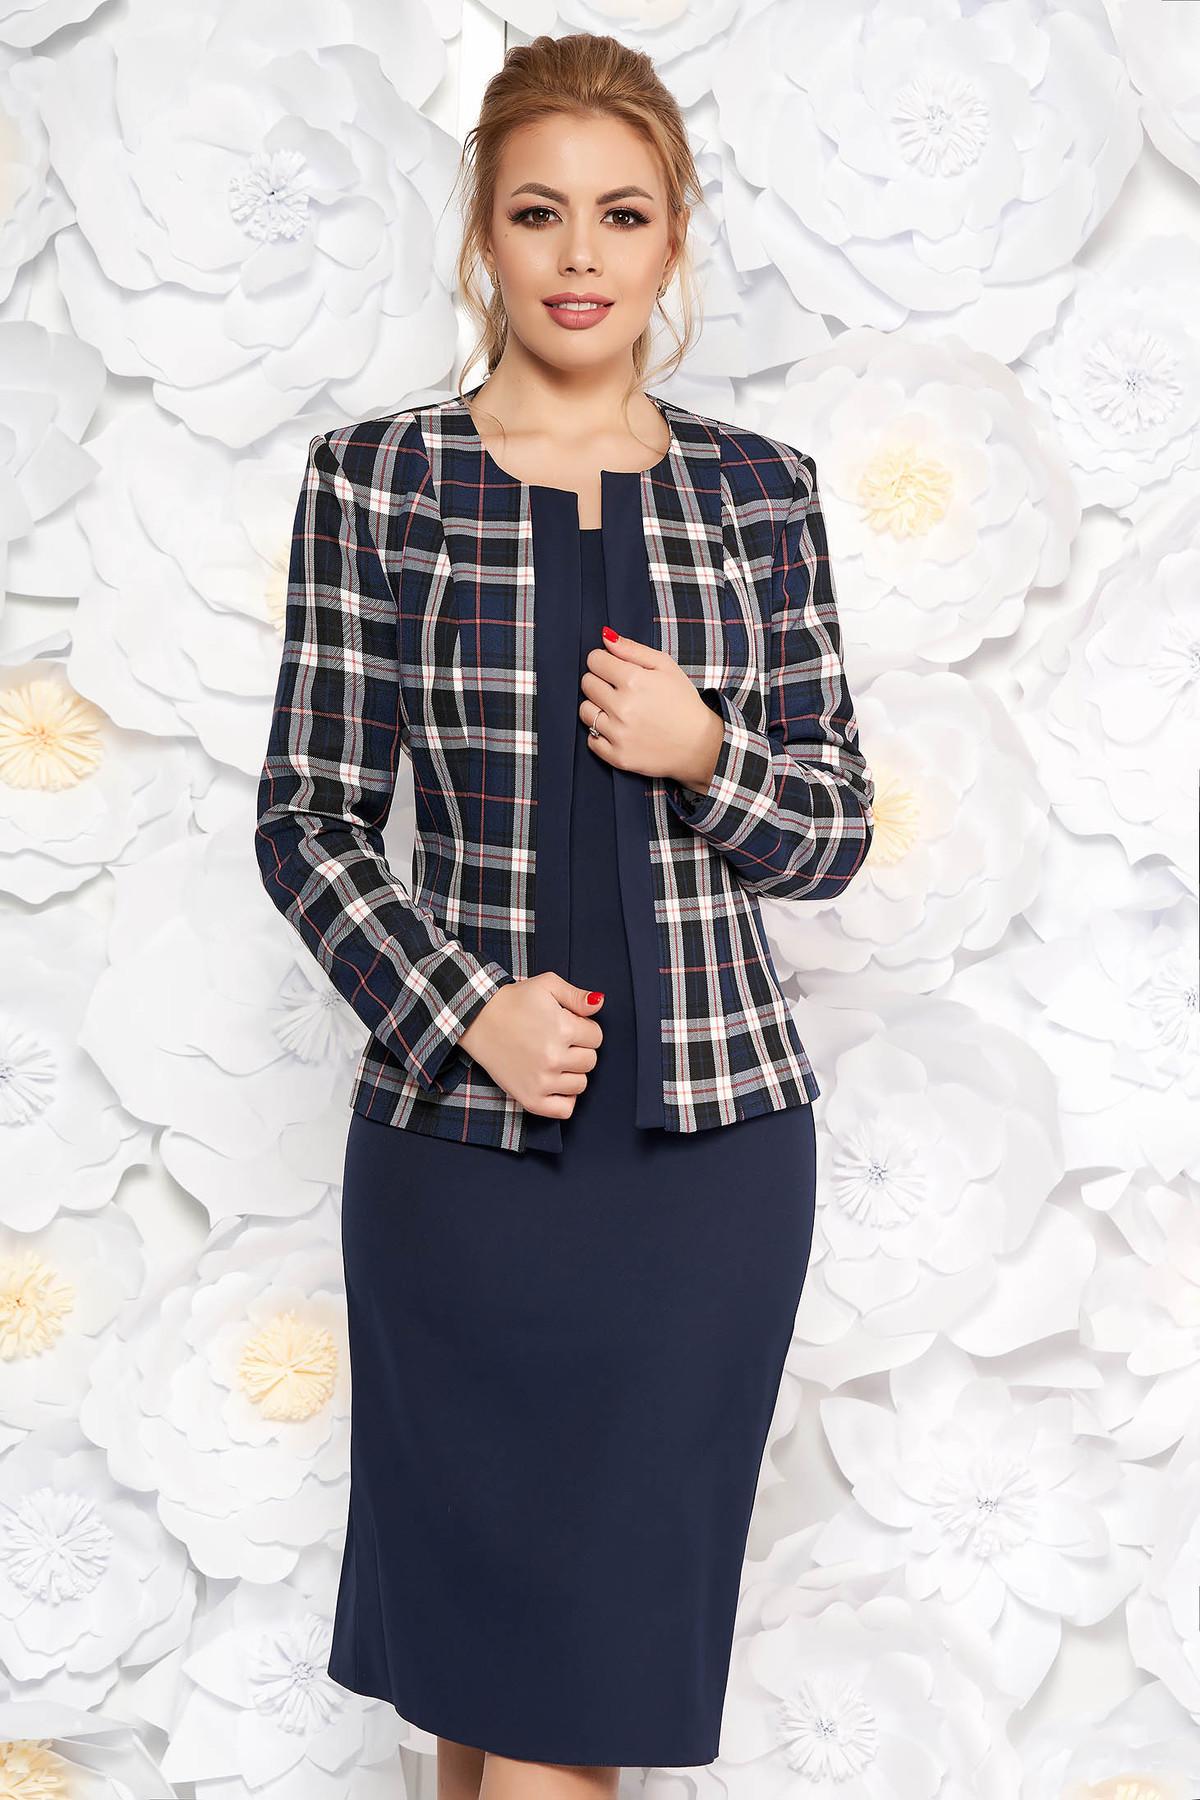 Compleu albastru-inchis office cu rochie din material usor elastic cu maneci scurte si sacou cu un croi drept